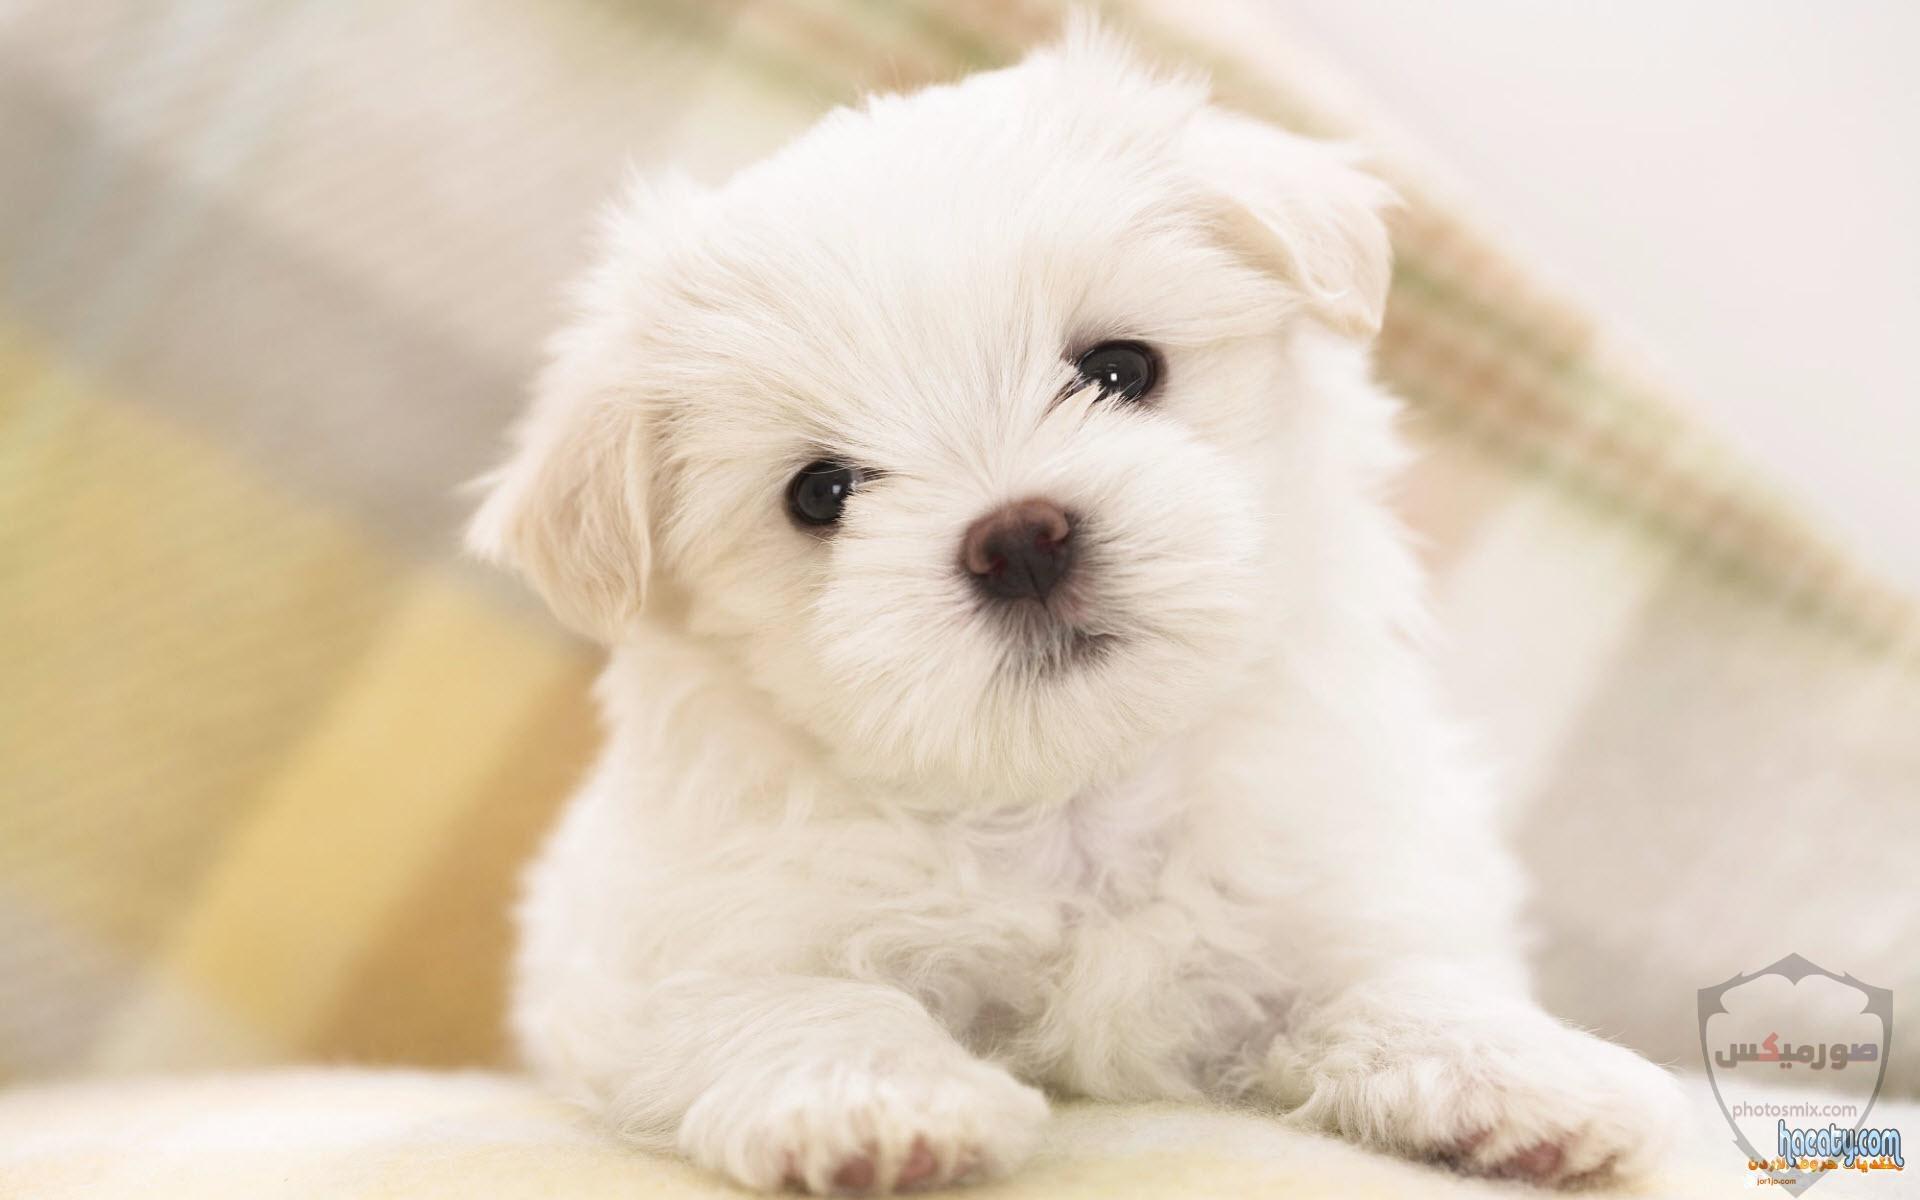 صور رمزيات خلفيات كلاب كيوت صورة كلب كيوت جدا 24